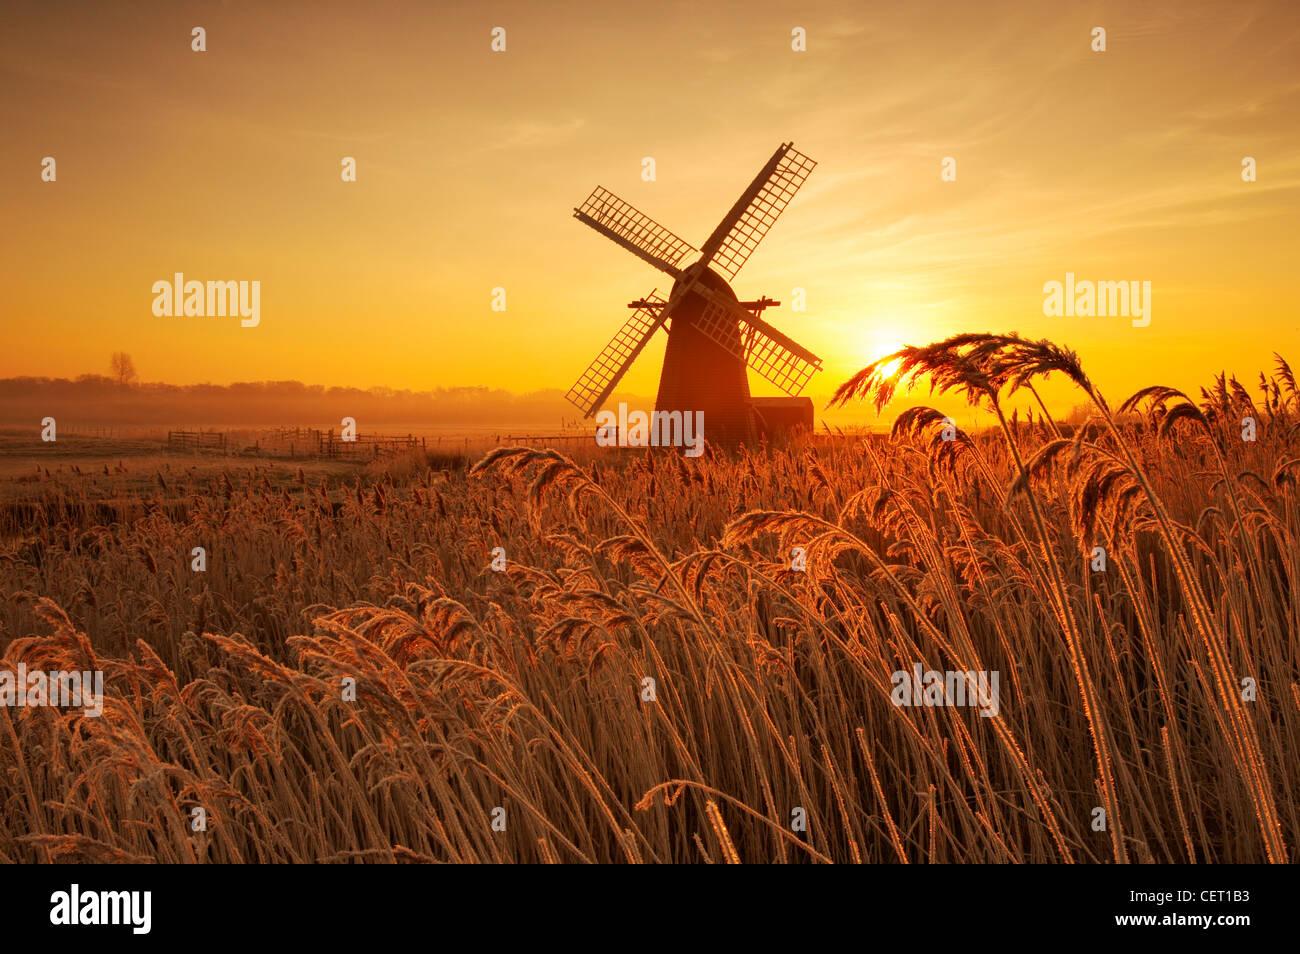 Ein nebliger Sonnenaufgang über Hoar Milchglas Schilf und Herringfleet Windmühle in Suffolk. Stockbild